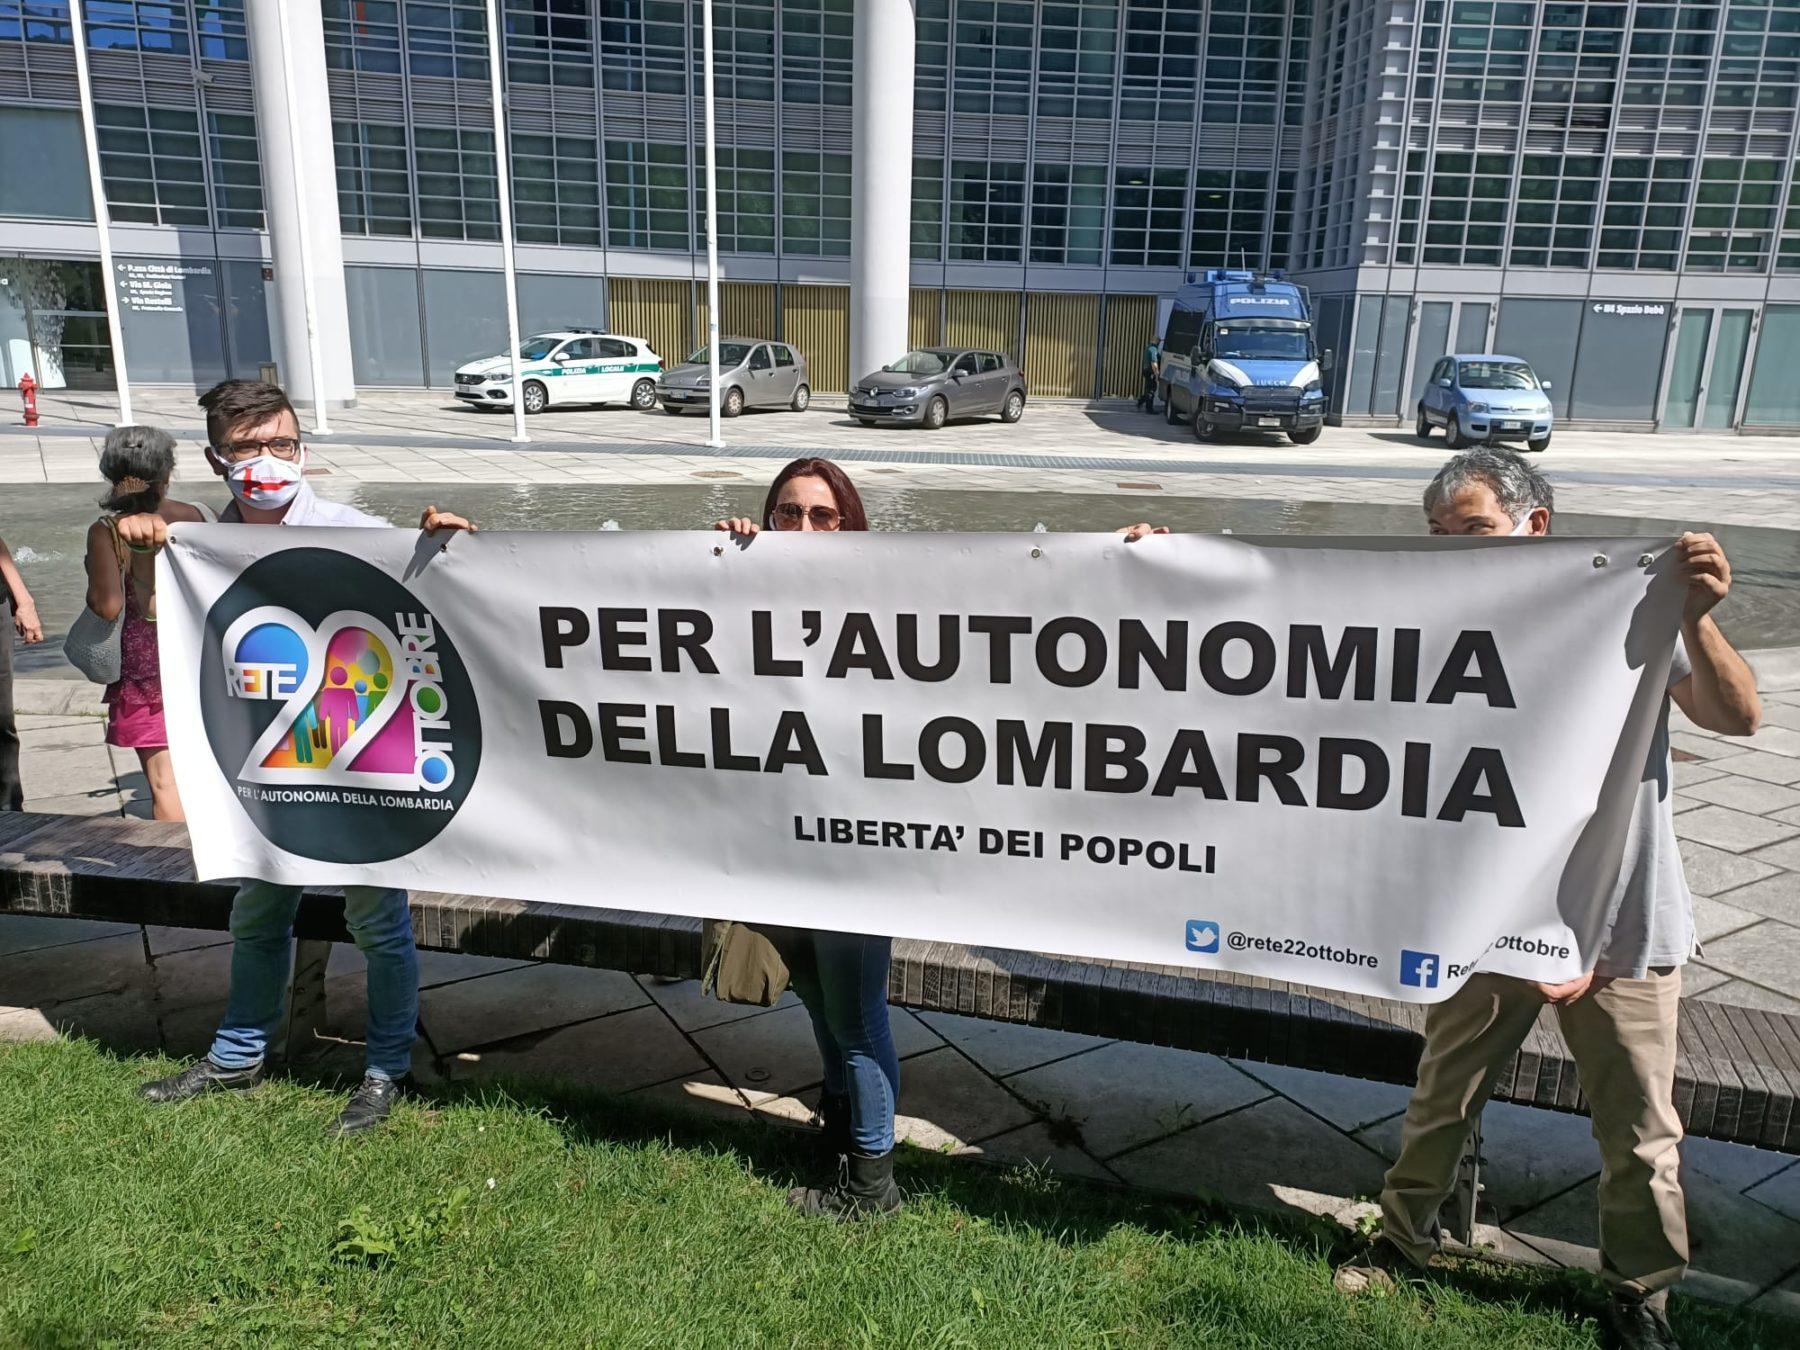 autonomia Politica - I gruppi per l'autonomia delle Regioni in piazza a Milano e a Venezia 19/07/2020